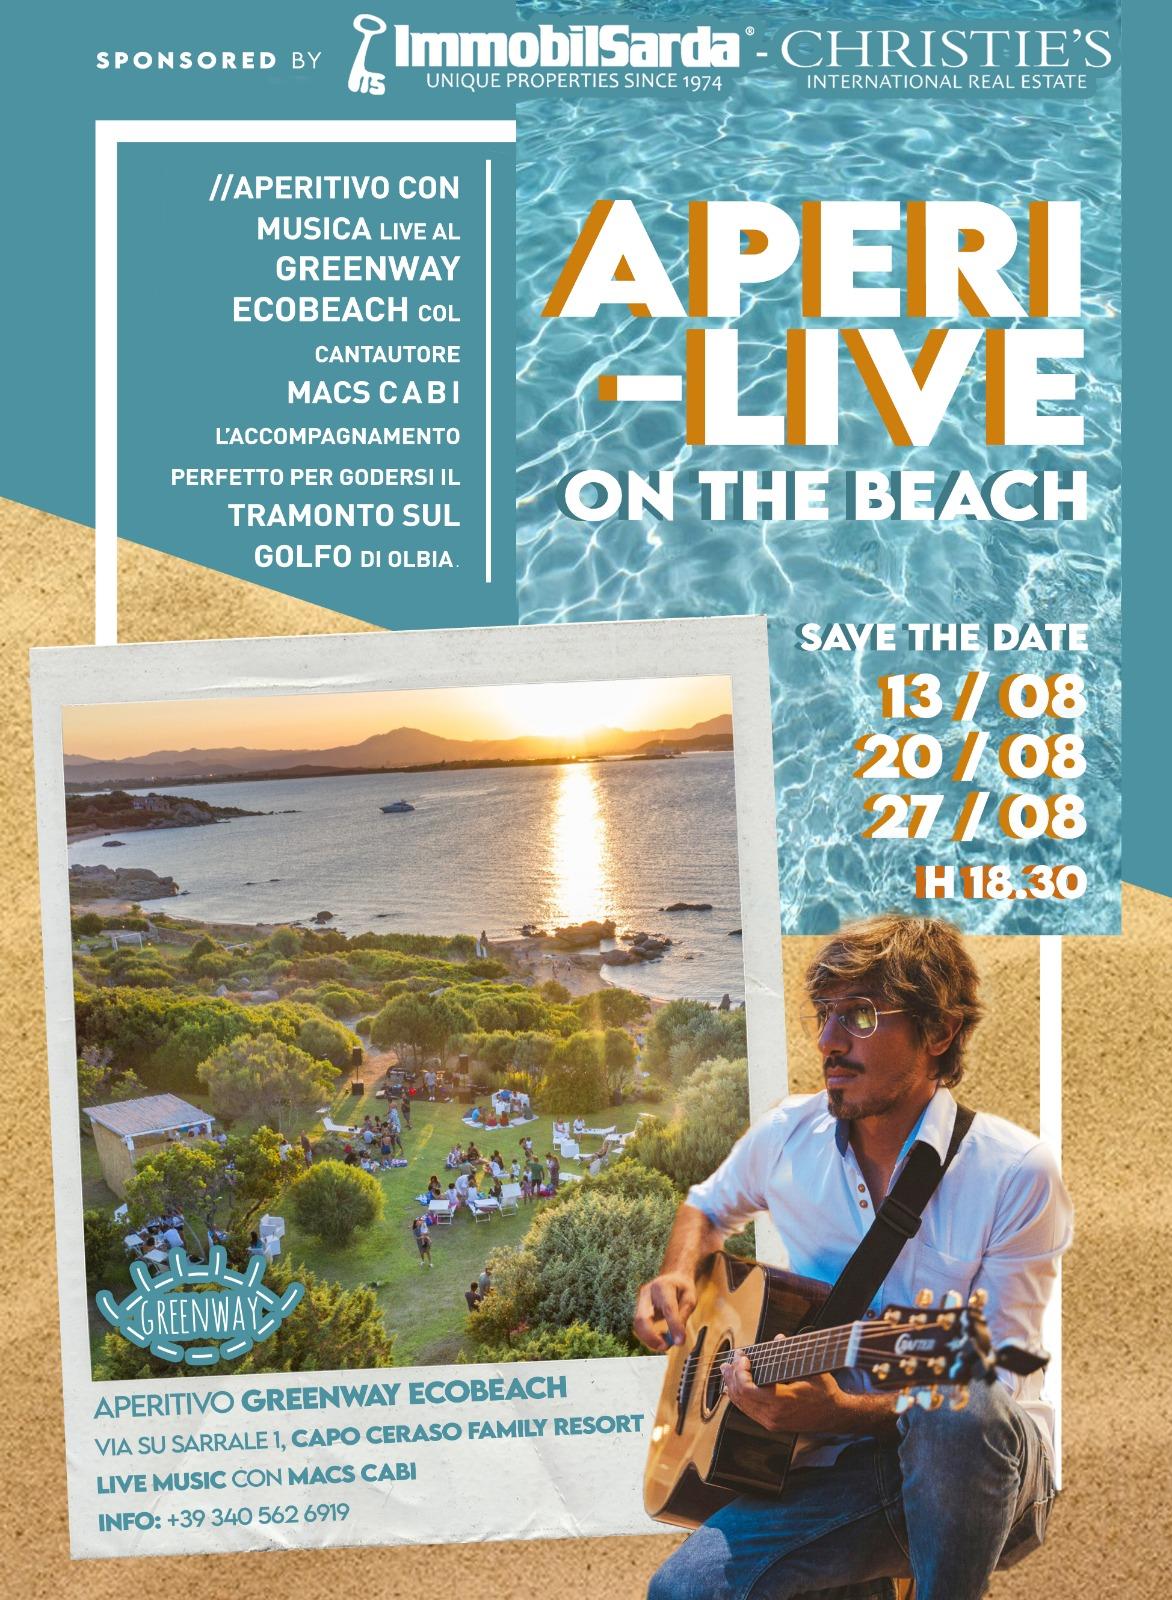 Aperi-Live sulle spiagge di Capo Ceraso Family Resort